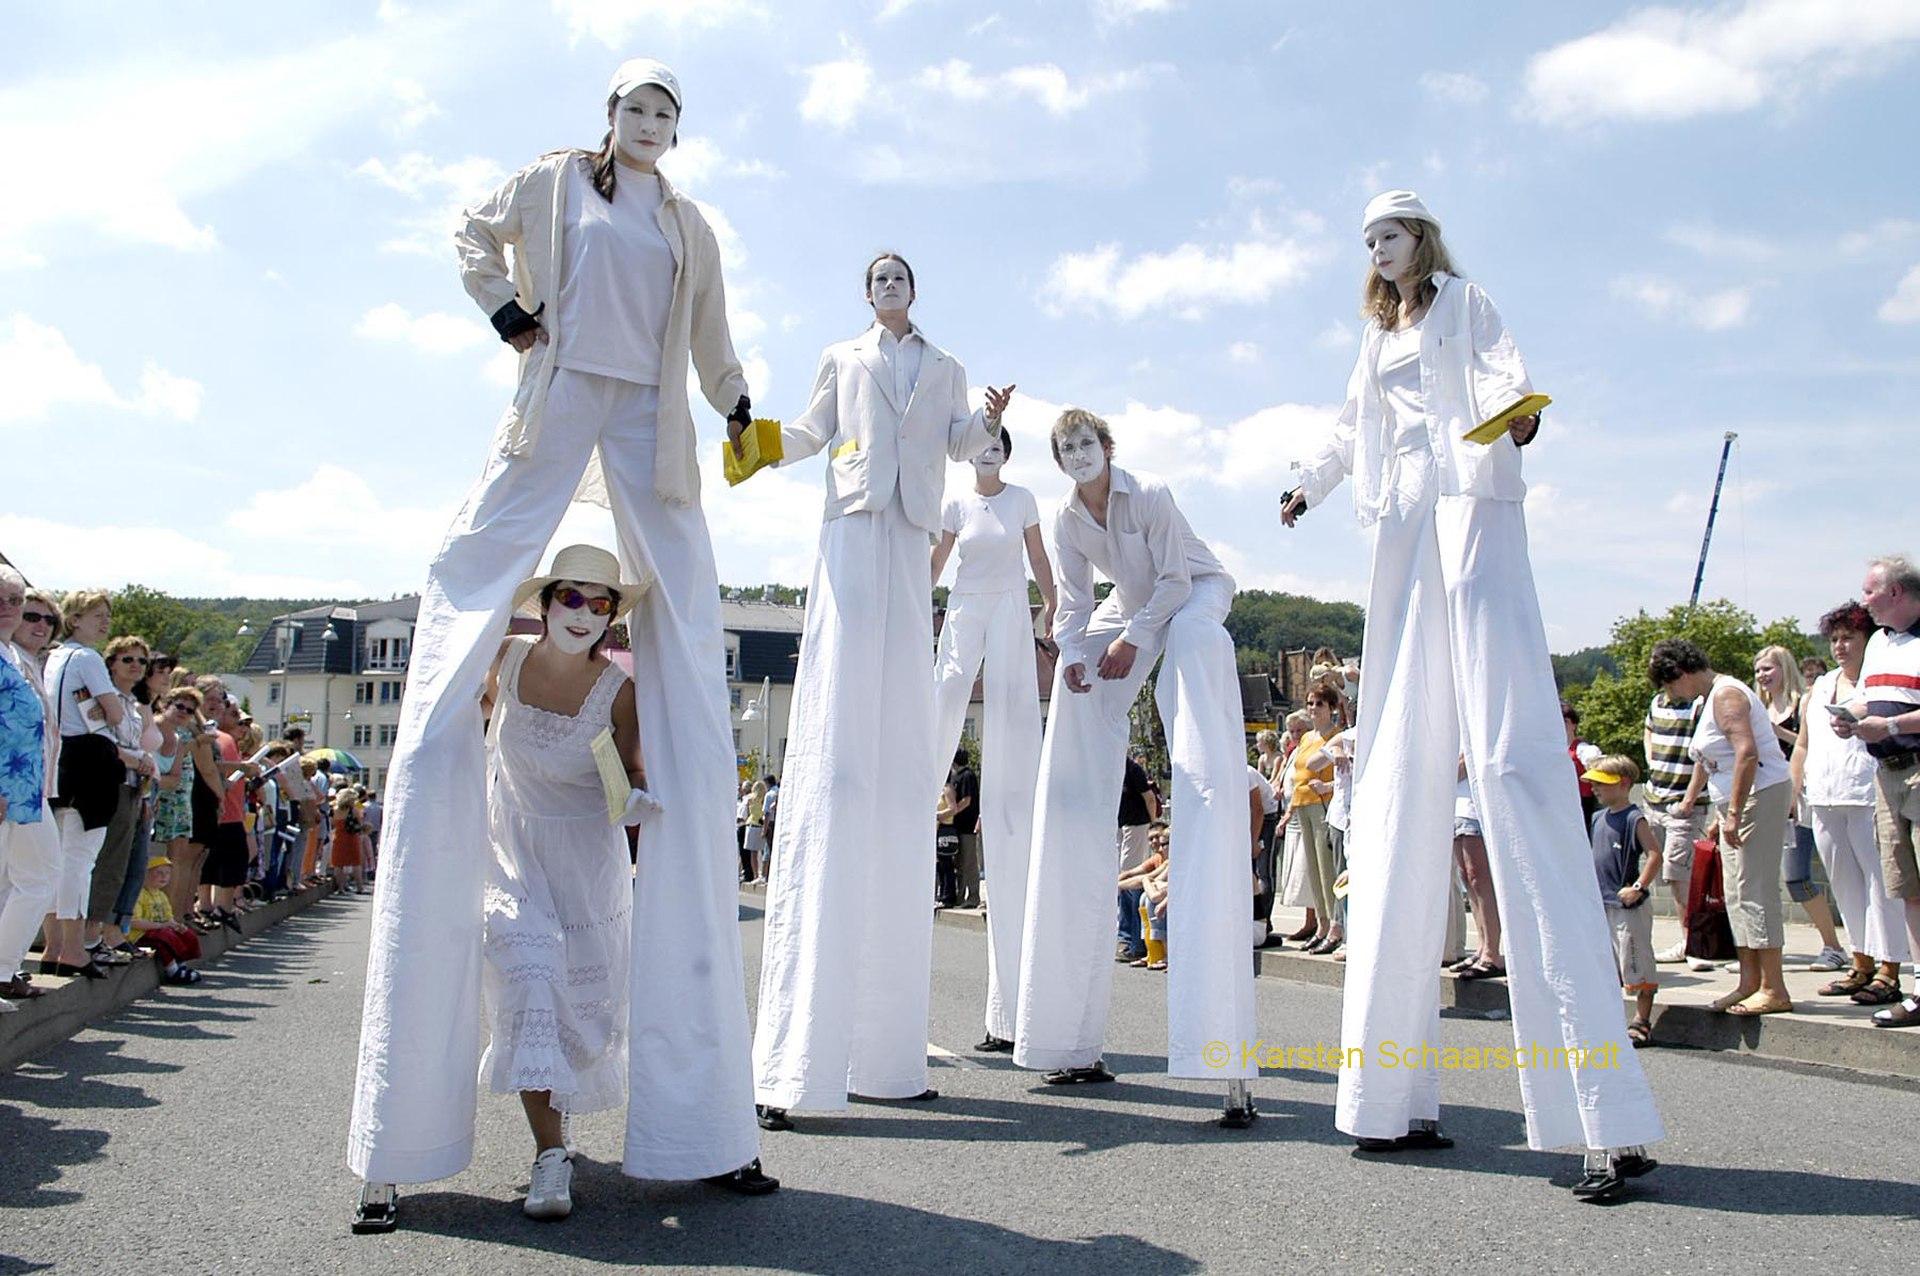 Weiße Geister, Wesen auf Stelzen und viele Geschichten